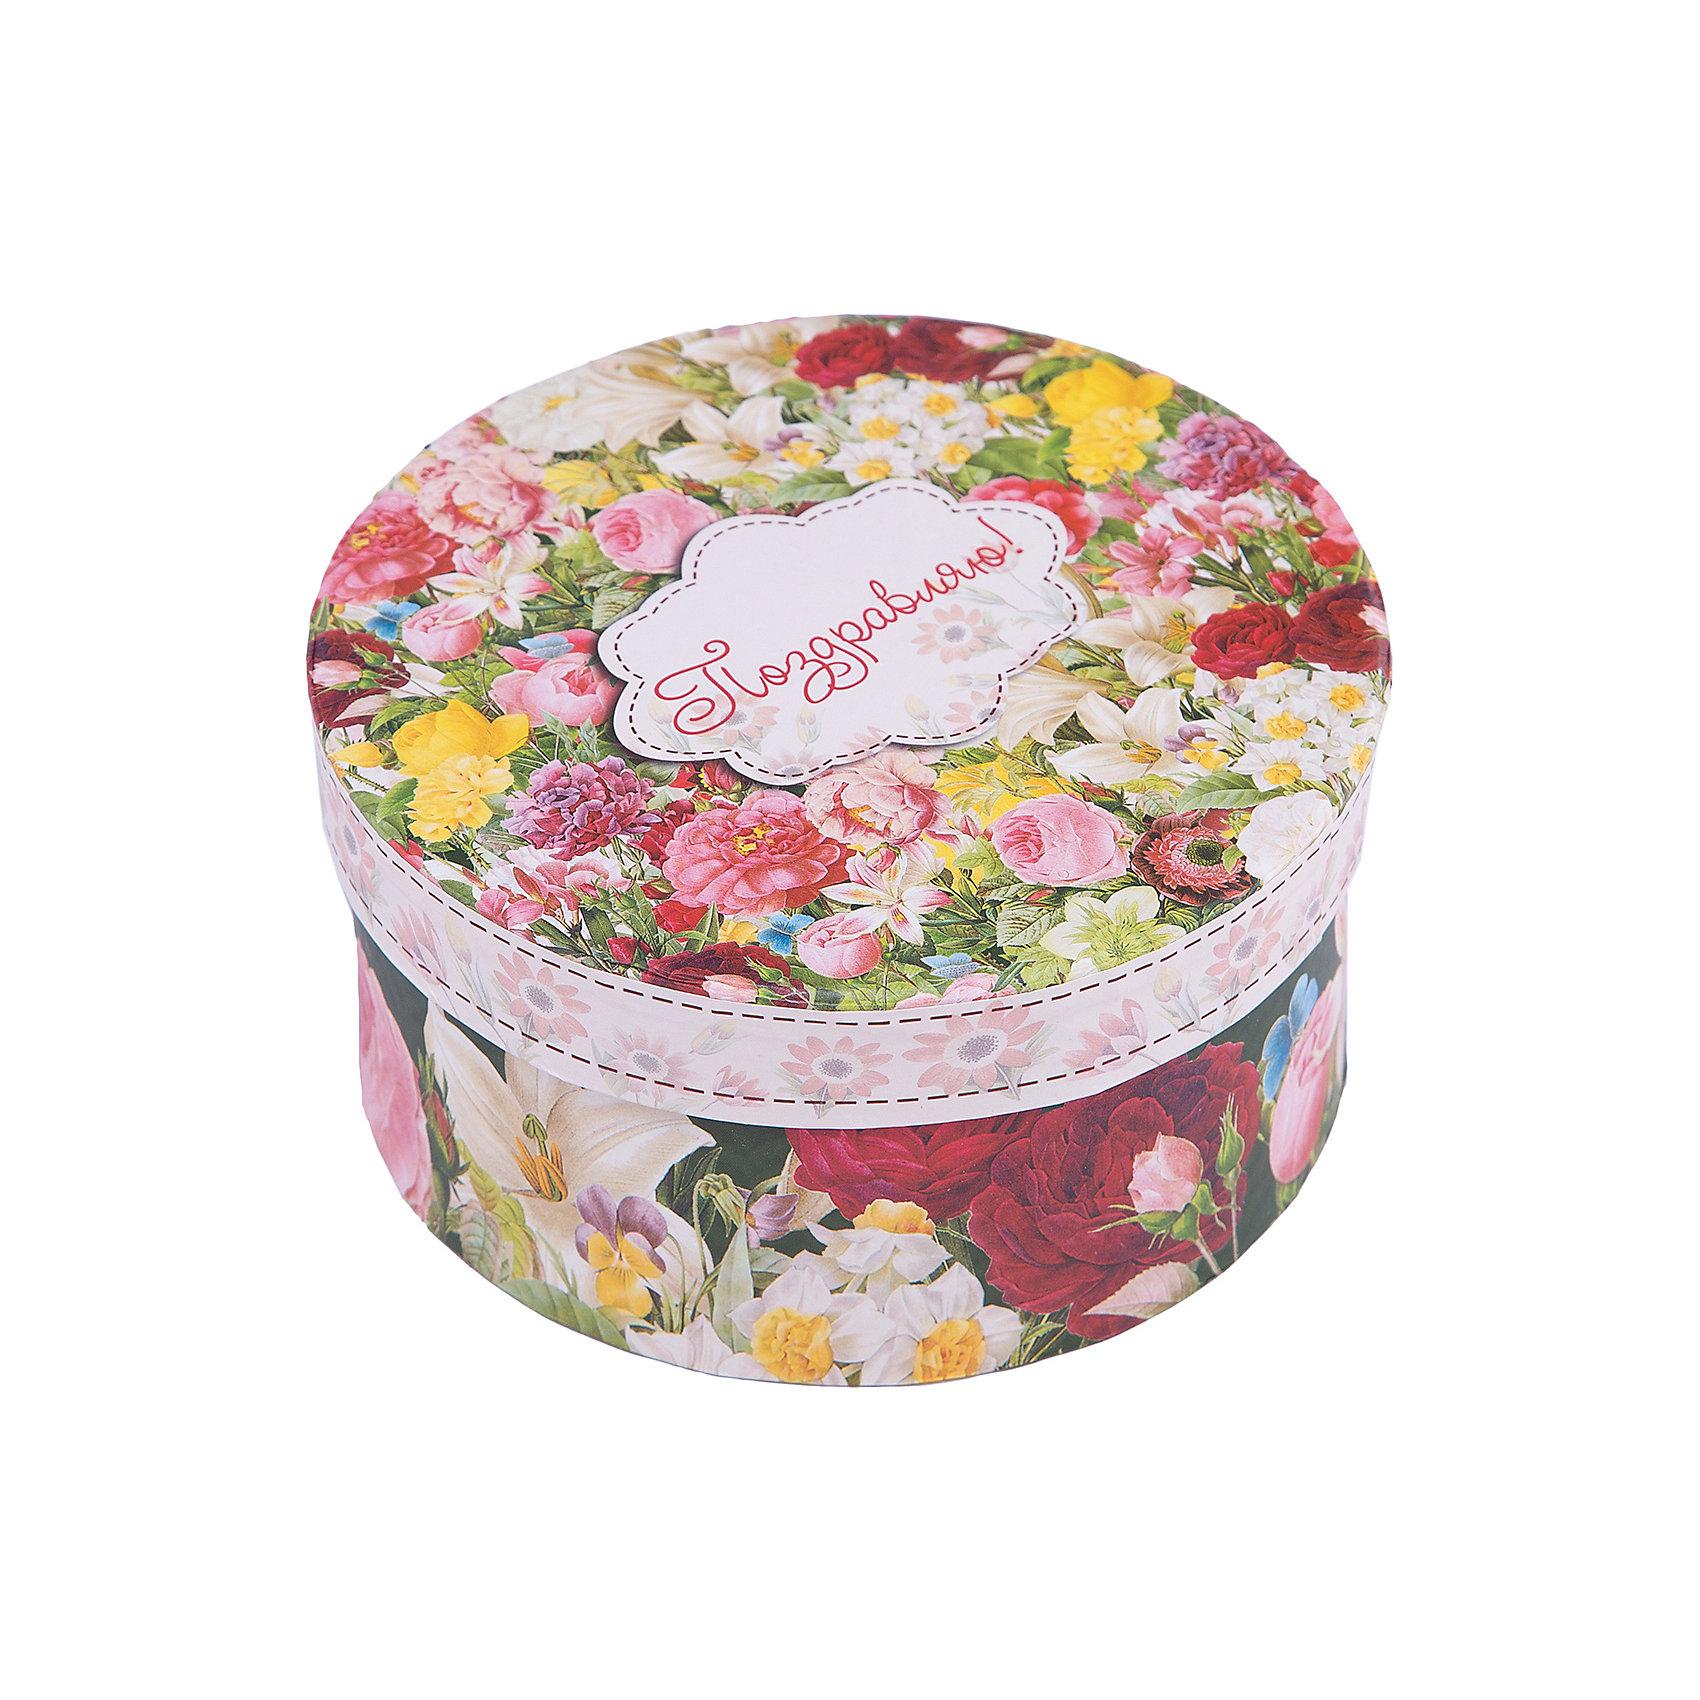 Коробка подарочная Райский сад, 14х14х7см., Феникс-ПрезентПредметы интерьера<br>Коробка подарочная Райский сад, 14х14х7см., Феникс-Презент<br><br>Характеристики:<br><br>• подарочная коробка с крышкой<br>• оригинальный дизайн<br>• изготовлена из мелованного ламинированного картона<br>• плотность 1100 г/м2<br>• рисунок на внутренней и наружной стороне<br>• размер: 14х14х7 см<br><br>Красивая подарочная коробка подарит массу положительных эмоций и создаст праздничное настроение. Коробка Райский сад изготовлена из плотного ламинированного картона. Наружная сторона оформлена ярким цветочным узором. Изделие имеет круглую форму, закрывается с помощью крышки. Такой подарок не оставит получателя равнодушным!<br><br>Коробка подарочная Райский сад, 14х14х7см., Феникс-Презент вы можете купить в нашем интернет-магазине.<br><br>Ширина мм: 140<br>Глубина мм: 140<br>Высота мм: 70<br>Вес г: 60<br>Возраст от месяцев: 36<br>Возраст до месяцев: 2147483647<br>Пол: Унисекс<br>Возраст: Детский<br>SKU: 5449641